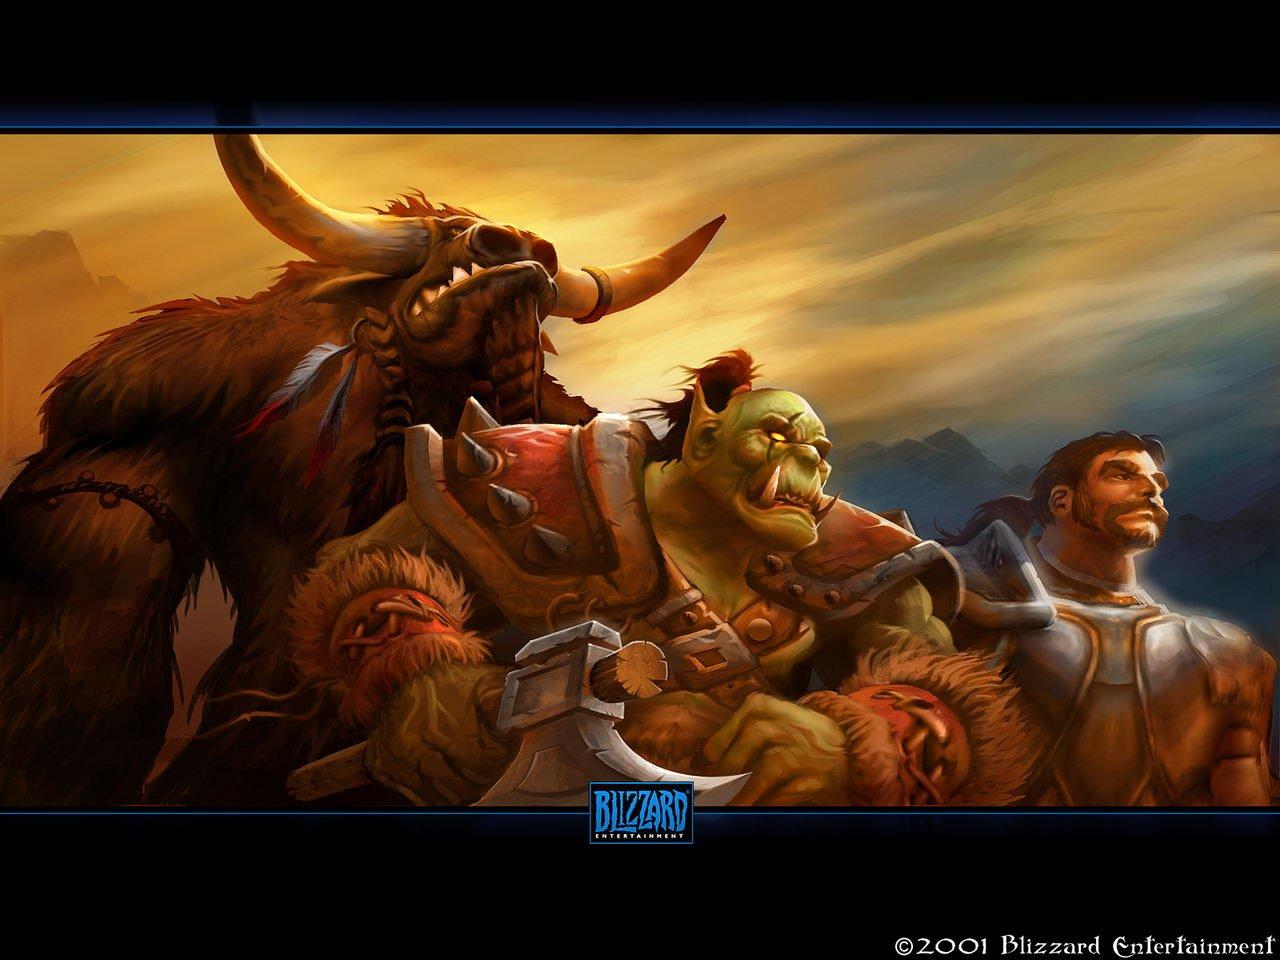 Baremod nudeskins net world of warcraft troll  sex images